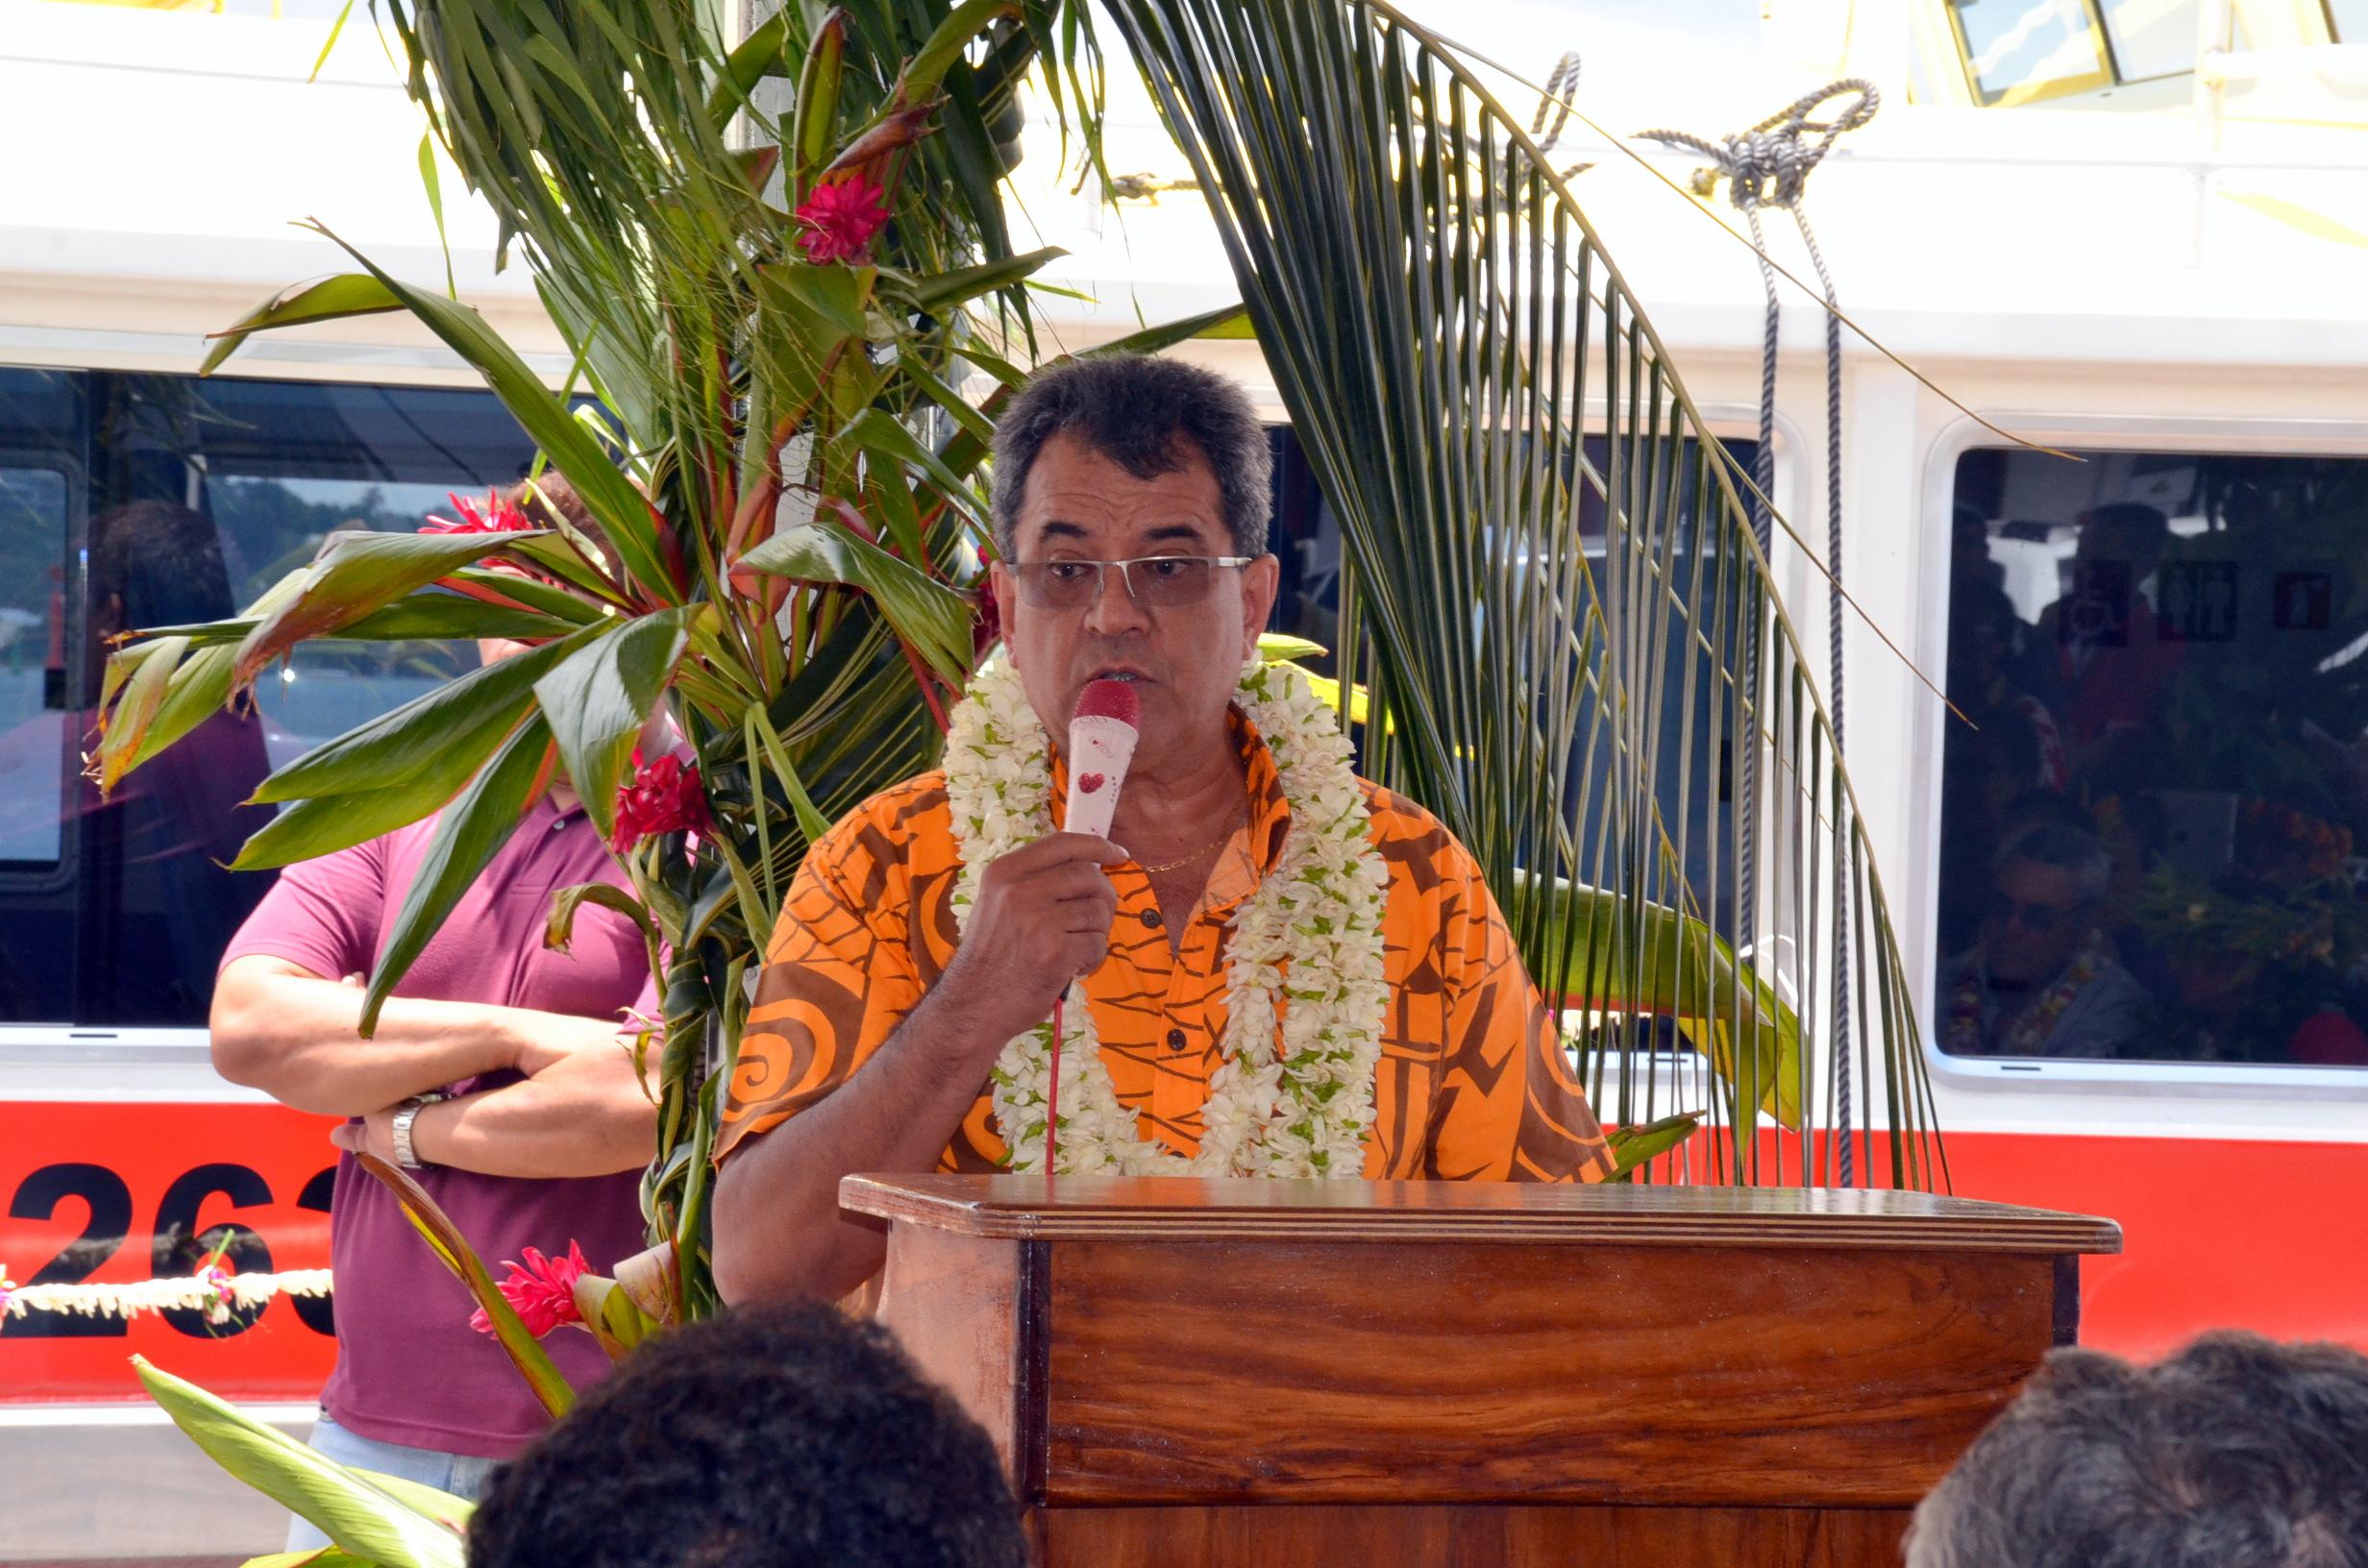 Lors de l'inauguration de la navette des Marquises du Sud, Edouard Fritch s'est insurgé face au projet de Collectivité à part pour les îles Marquises ©Tahiti-infos